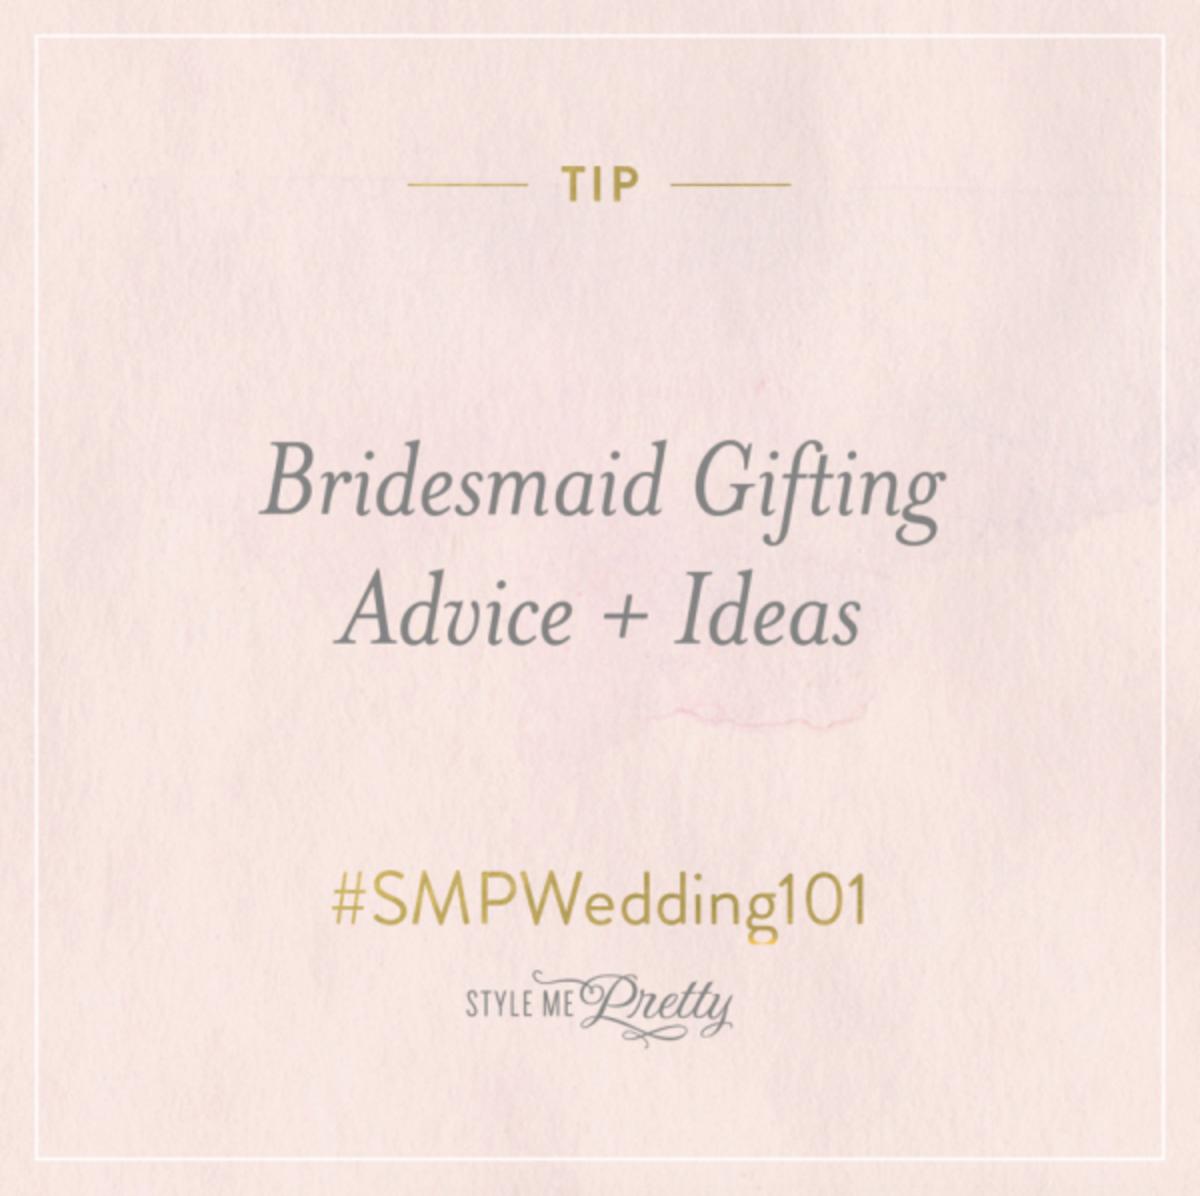 smp-style-me-pretty-whim-events-bride-bridesmaid-gift-idea